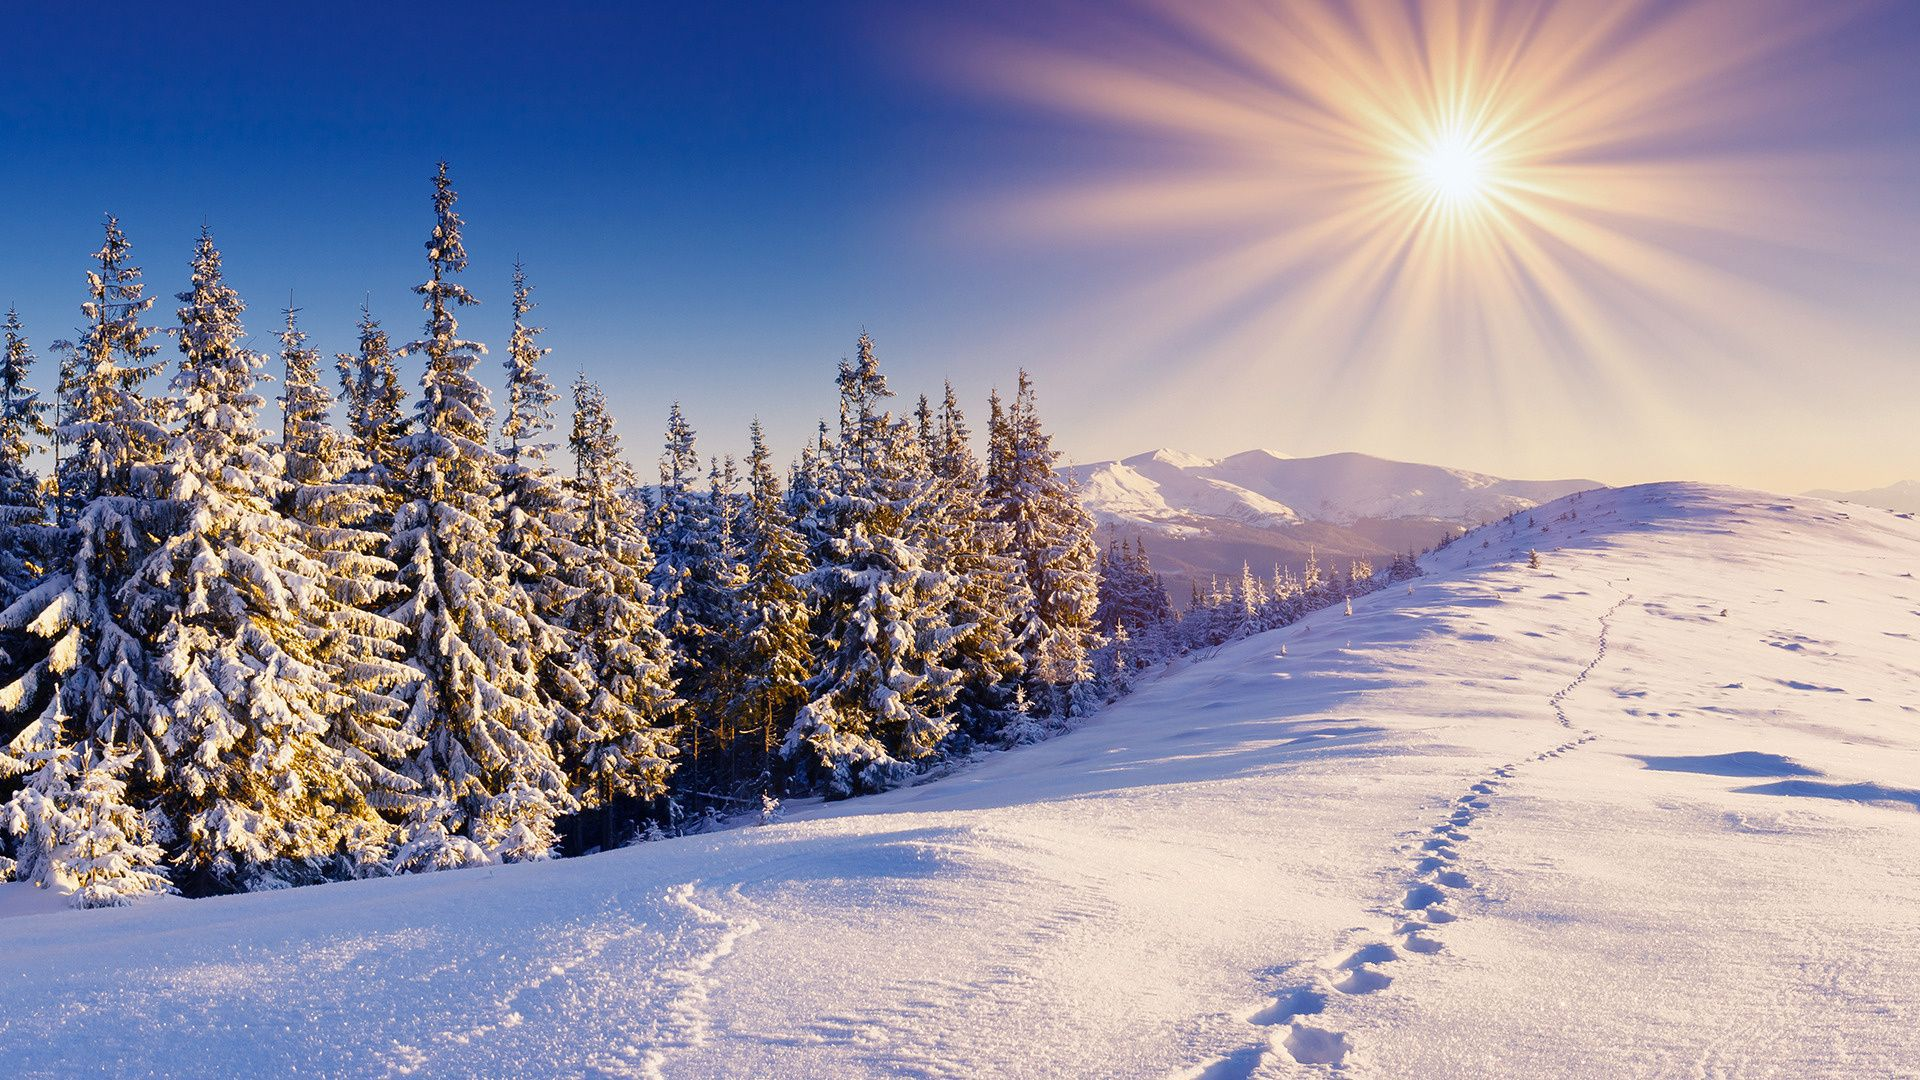 Winter Mountains 29618 1920x1080 px ~ HDWallSource.com